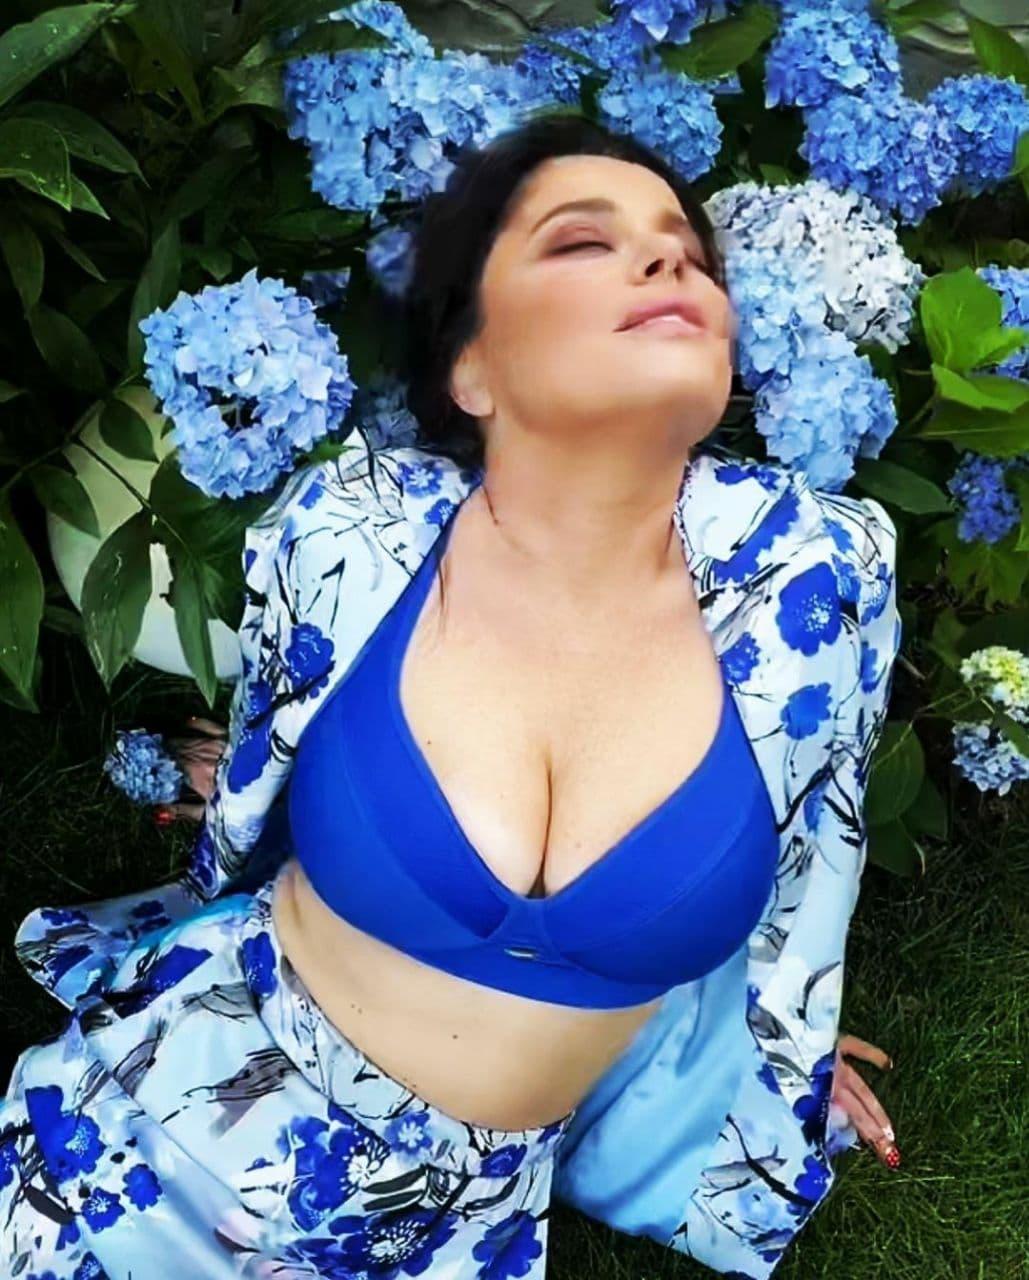 Наташа Королёва показала огромного размера грудь, устроив фотосессию в кустах гортензии